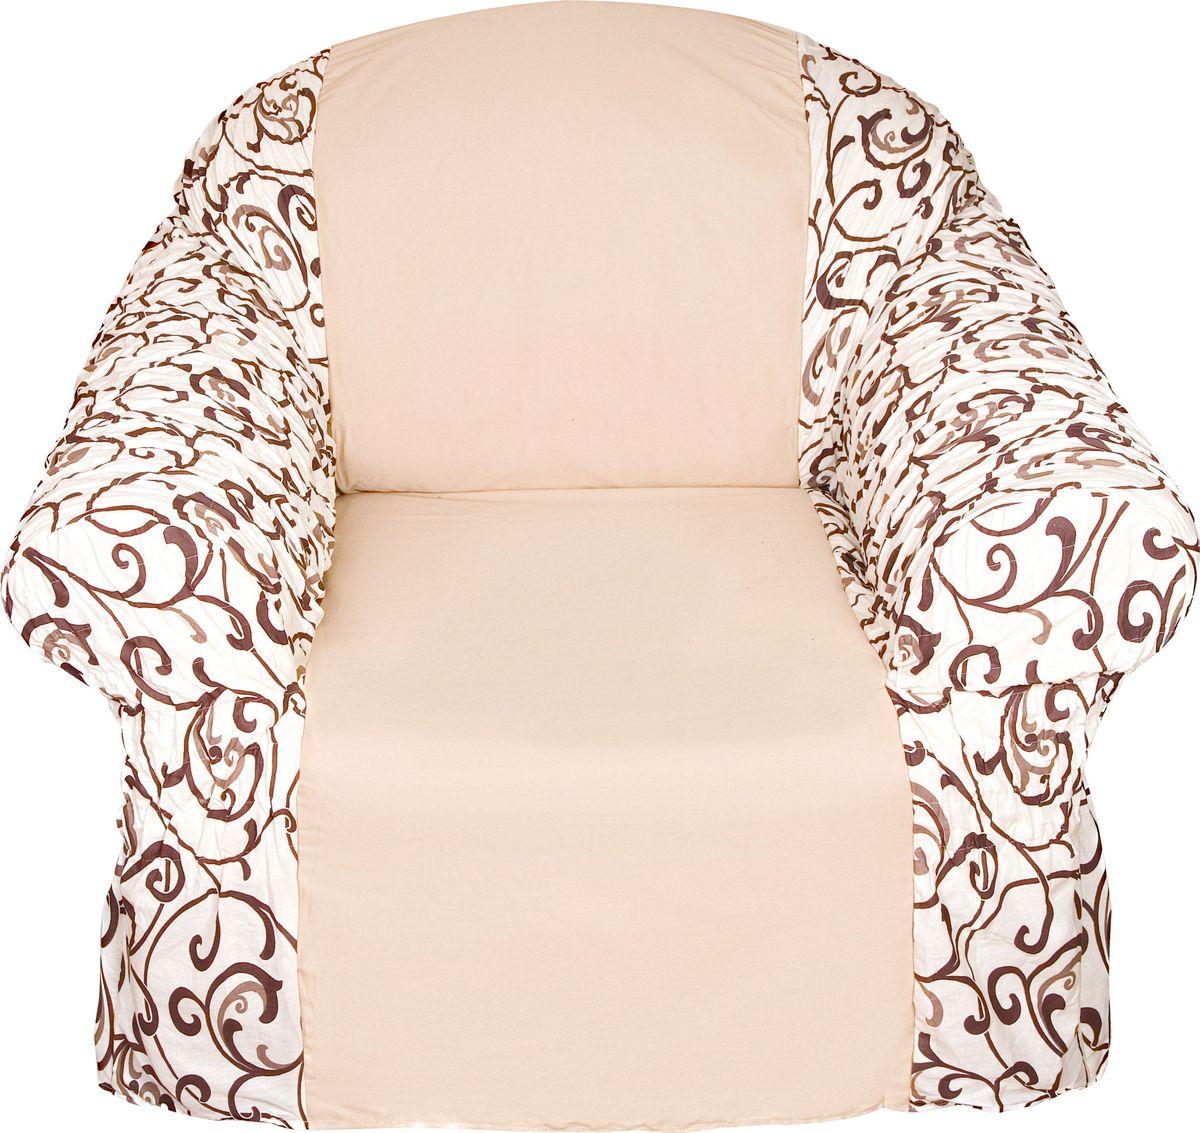 Чехол на кресло Медежда Бостон, цвет: бежевый1401091103000Основная часть чехла Медежда Бостон сшита из плотной однотонной ткани, в состав которойвходит 60% - хлопка и 40% - полиэстера. Подлокотники разработаны по уникальной технологии -мягкая хлопковая ткань на эластичной вискозной основе. Узор из оригинальных завитковсочетается как с винтажным так и с классическим интерьером.Чехол «Бостон» создаст новый стиль в вашем доме, добавит шарм и индивидуальность.